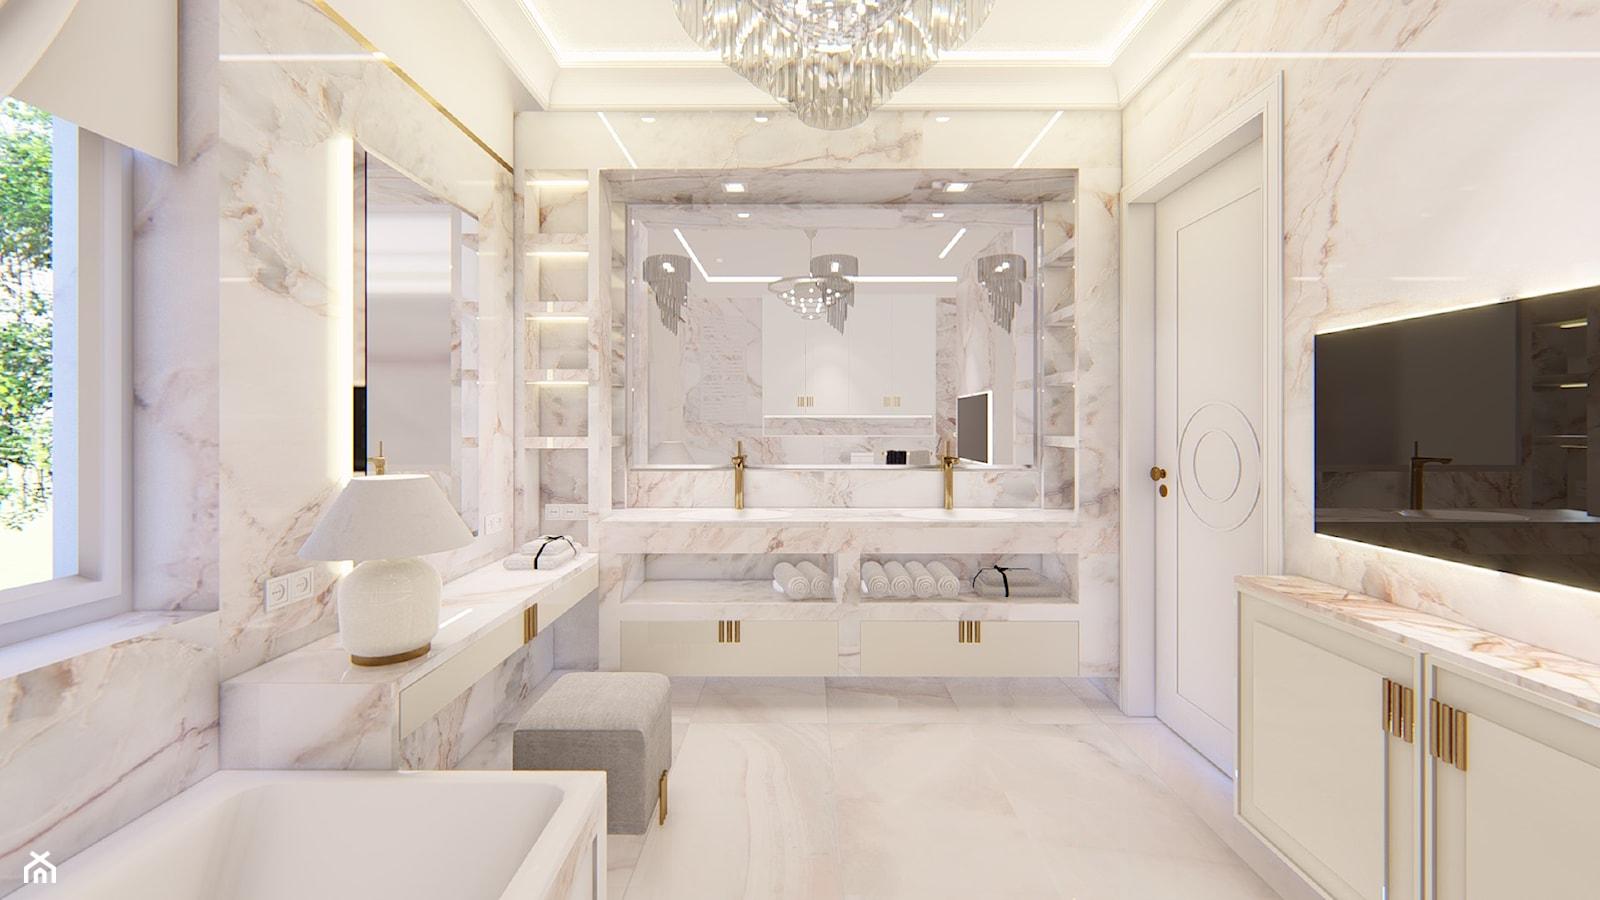 lazienka klasyczna z marmurem i kwarcytem - zdjęcie od Alina Mokrzycka Architekt / Wnętrza / Grafika - Homebook